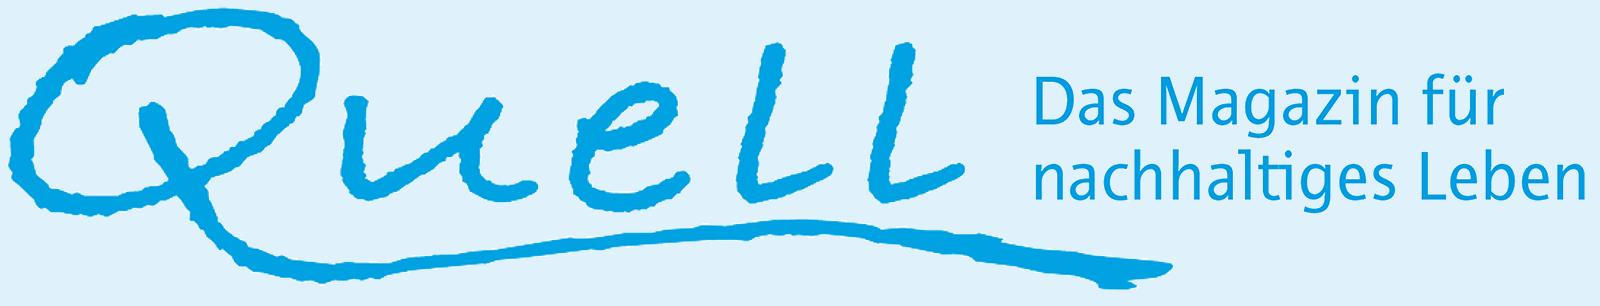 quell-online.de